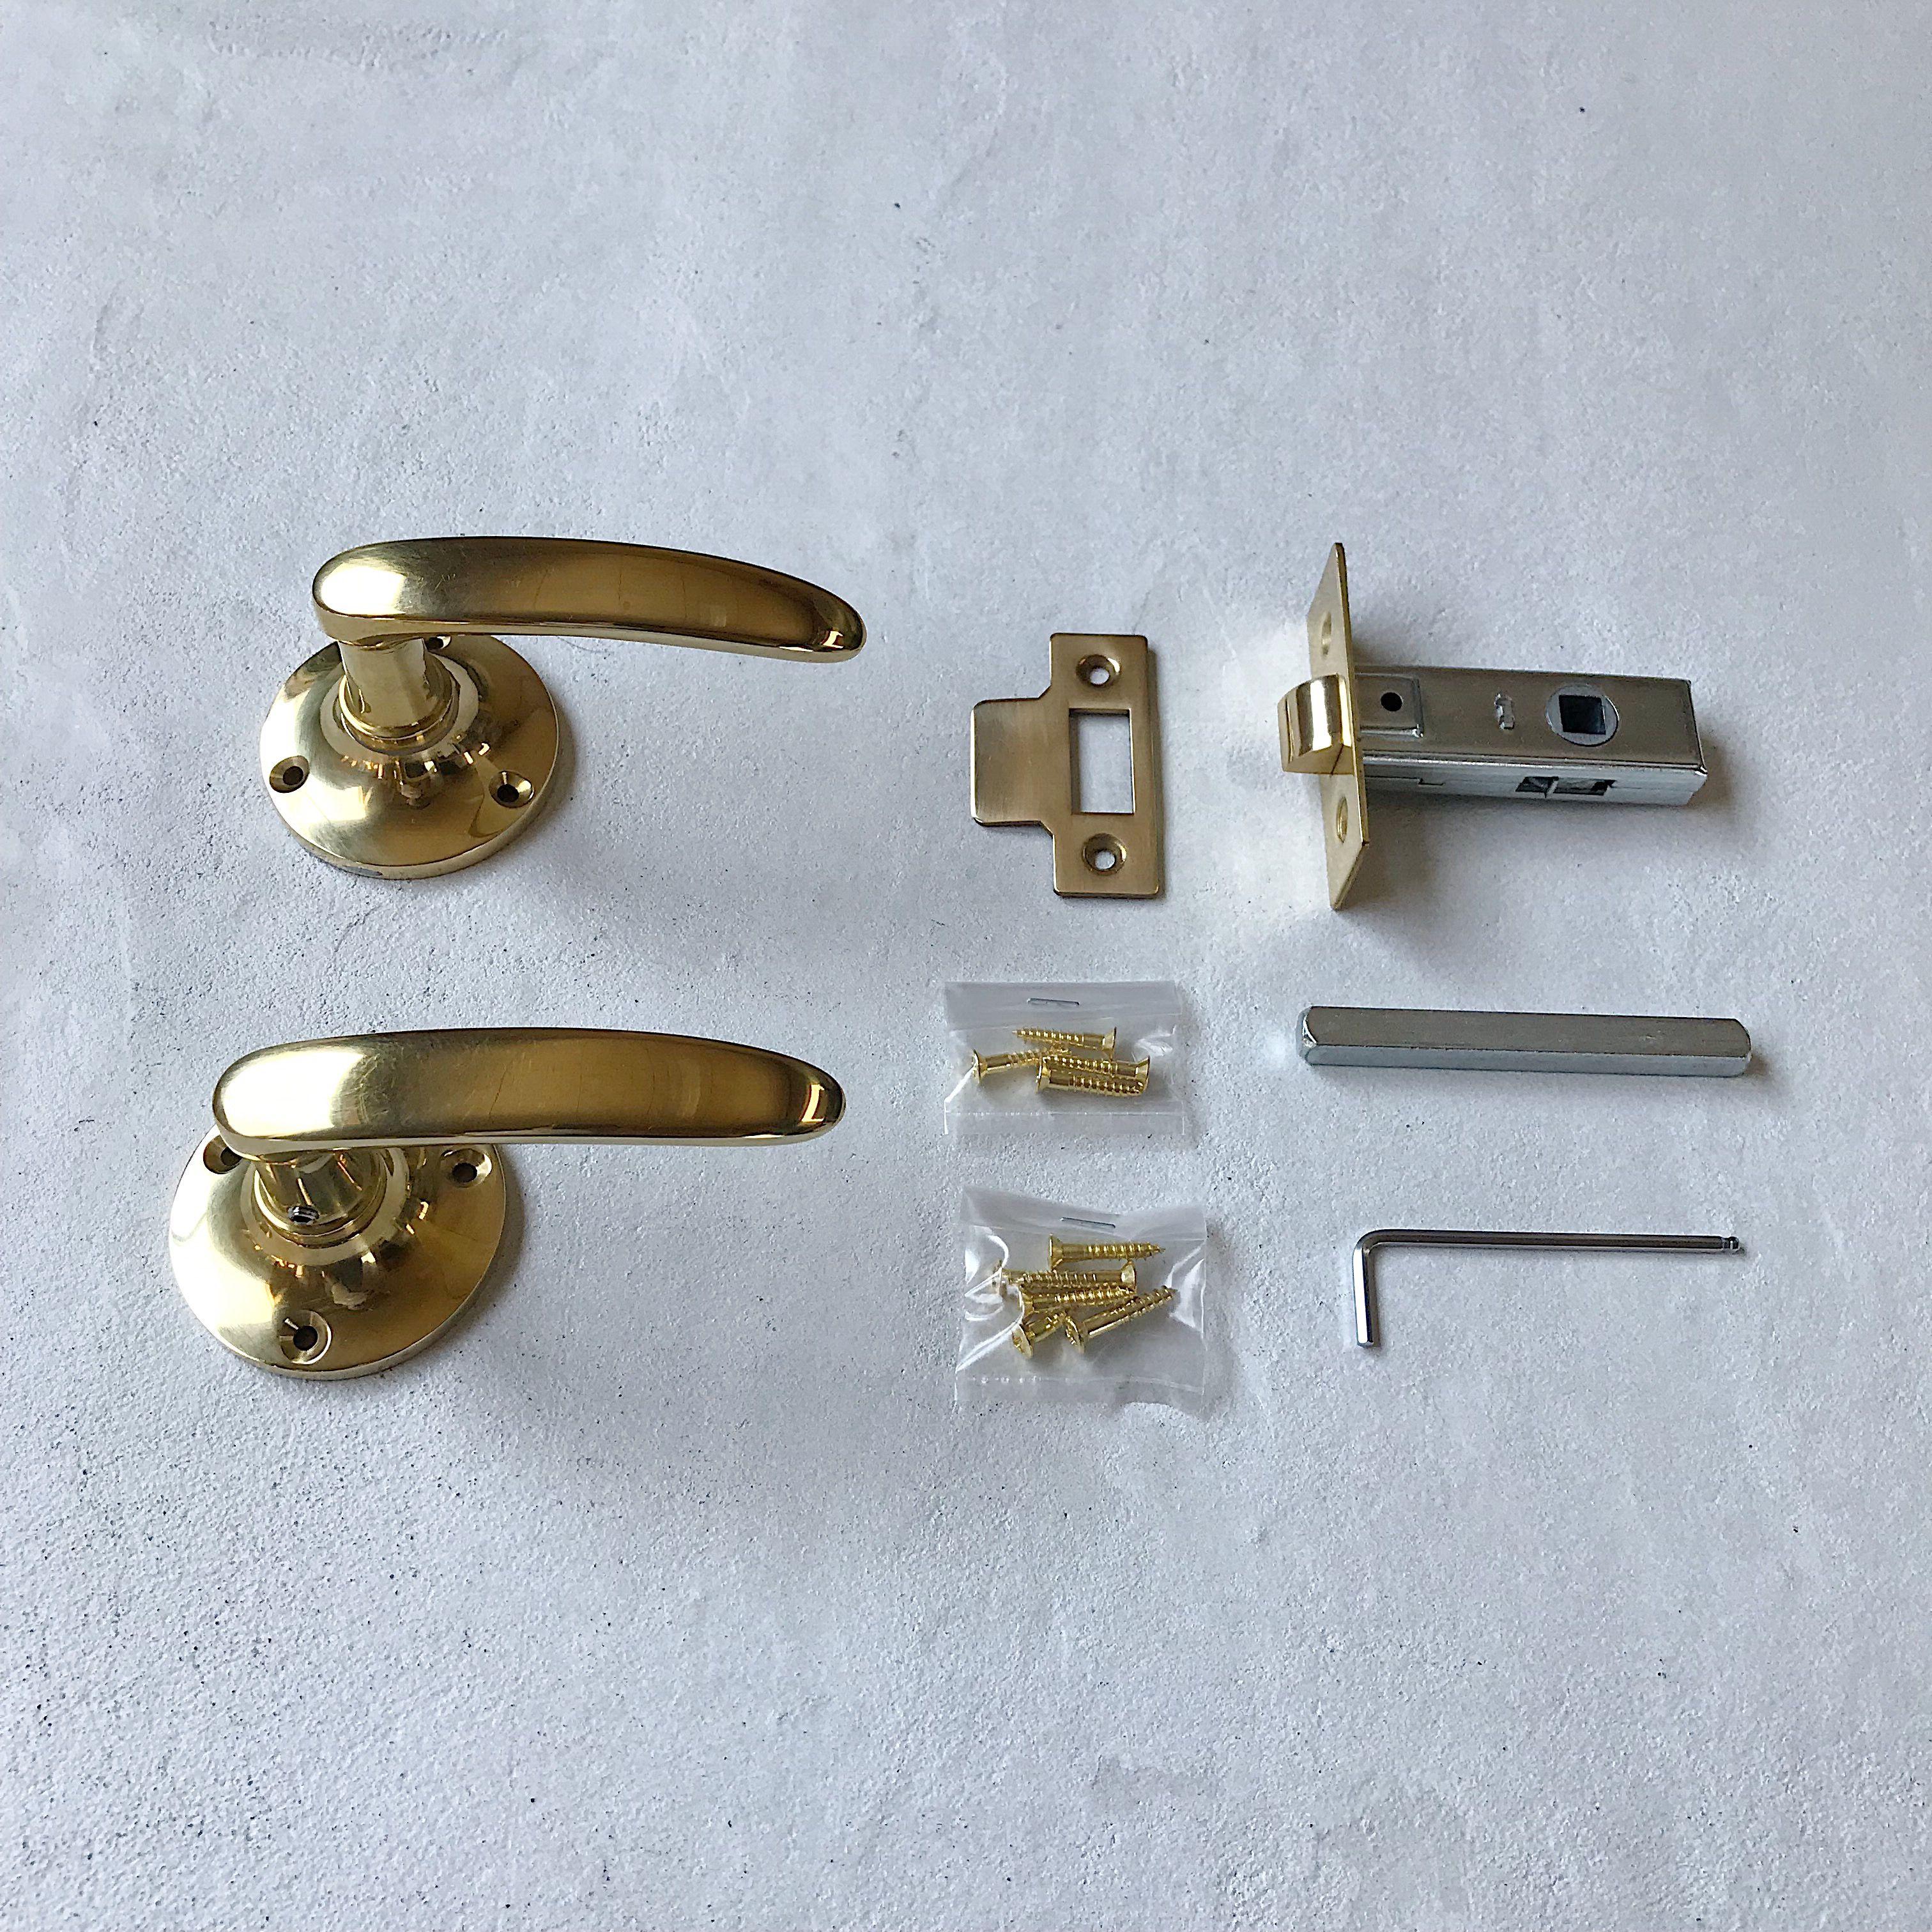 イギリスのハンドルをモチーフにした真鍮製のレバーハンドル 美しい